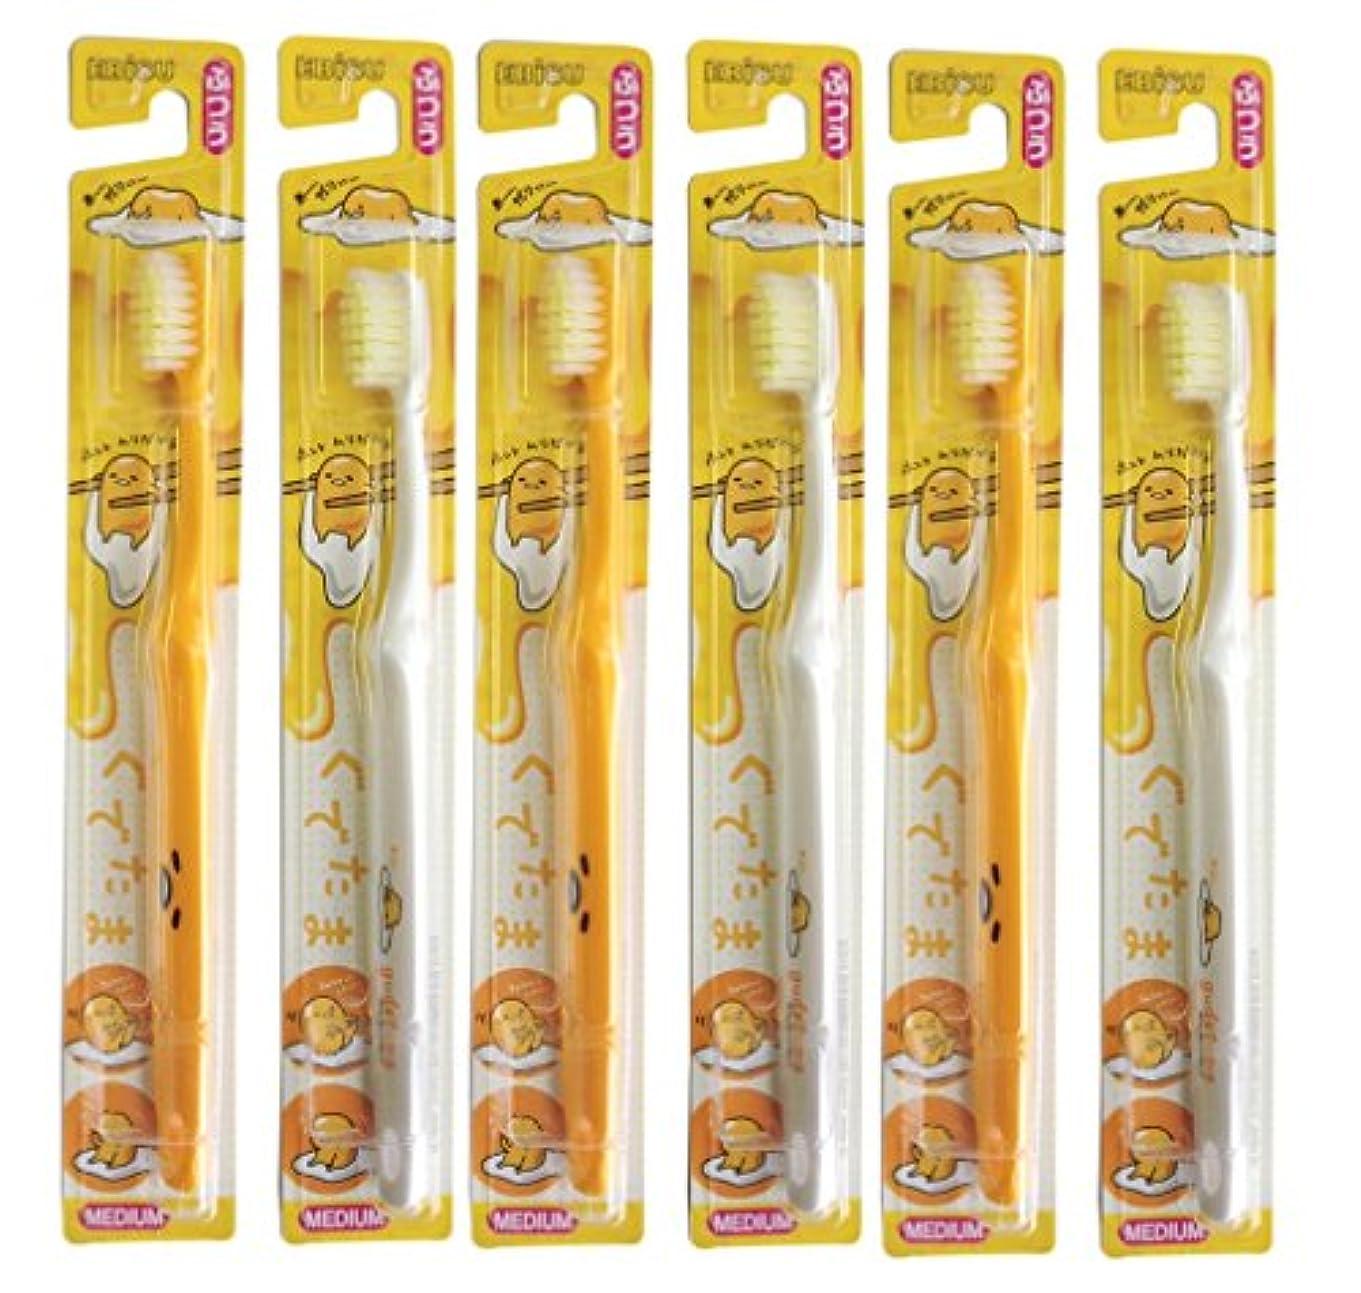 アイドルループドラッグエビス 歯ブラシ キャラコレ ぐでたま ハブラシ 6本組